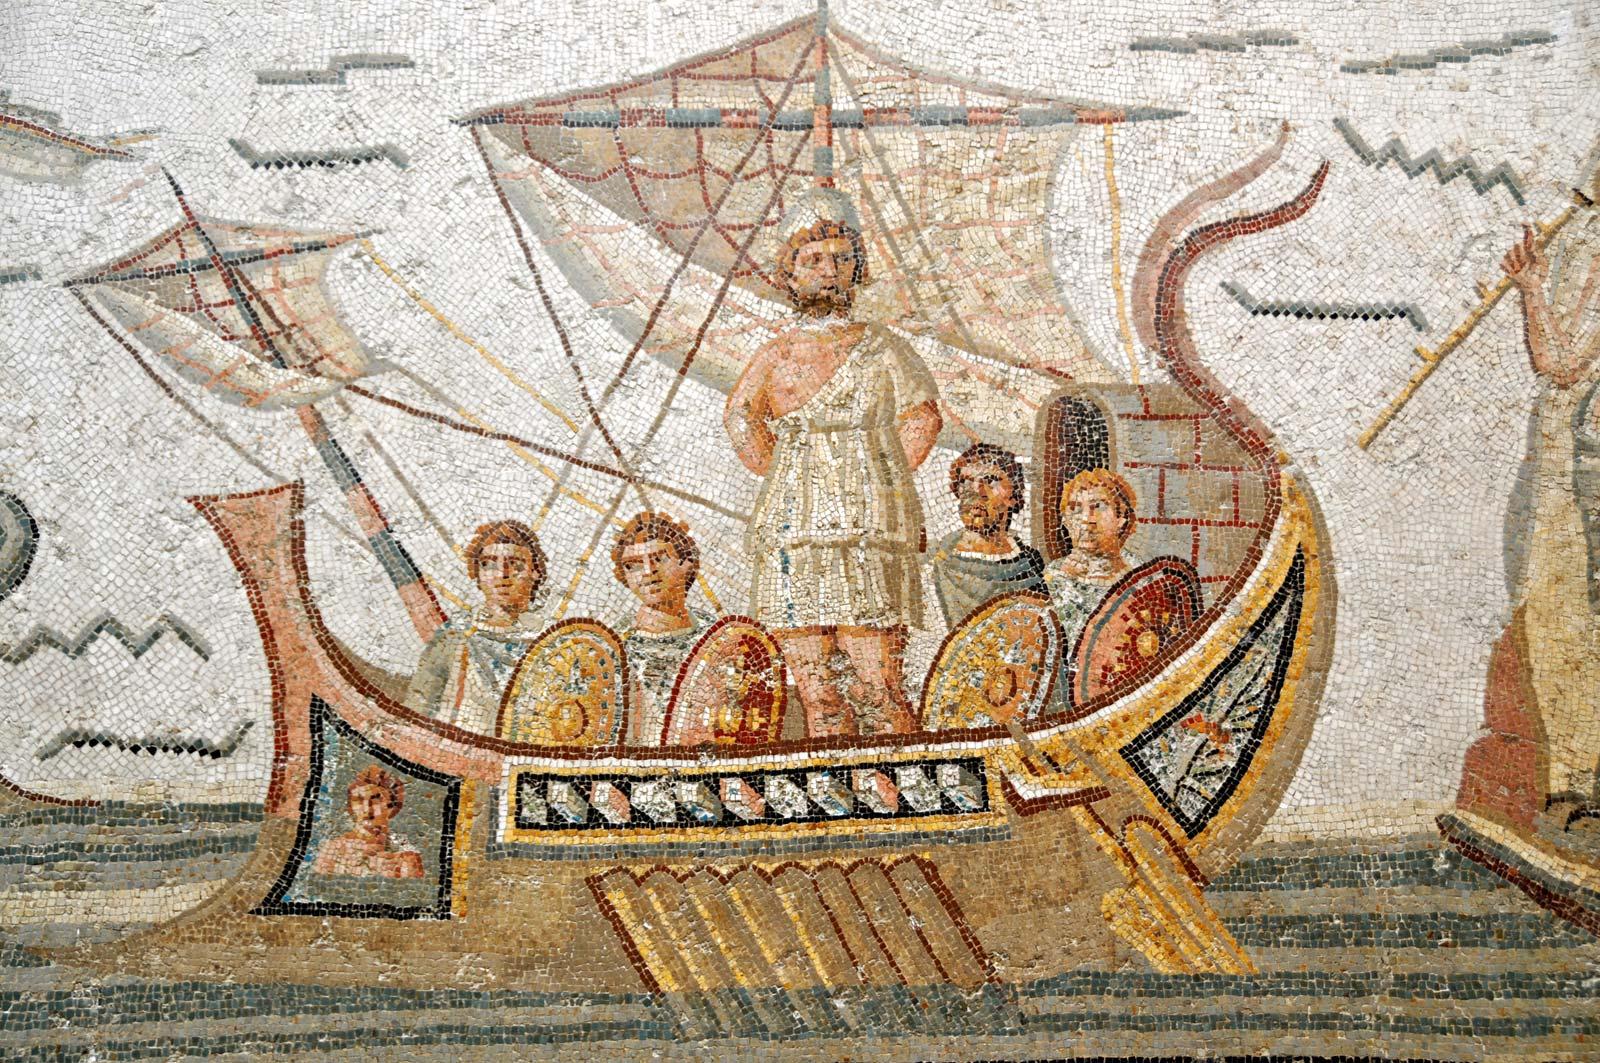 Ulisses, quem foi? Origem e história de vida do herói grego